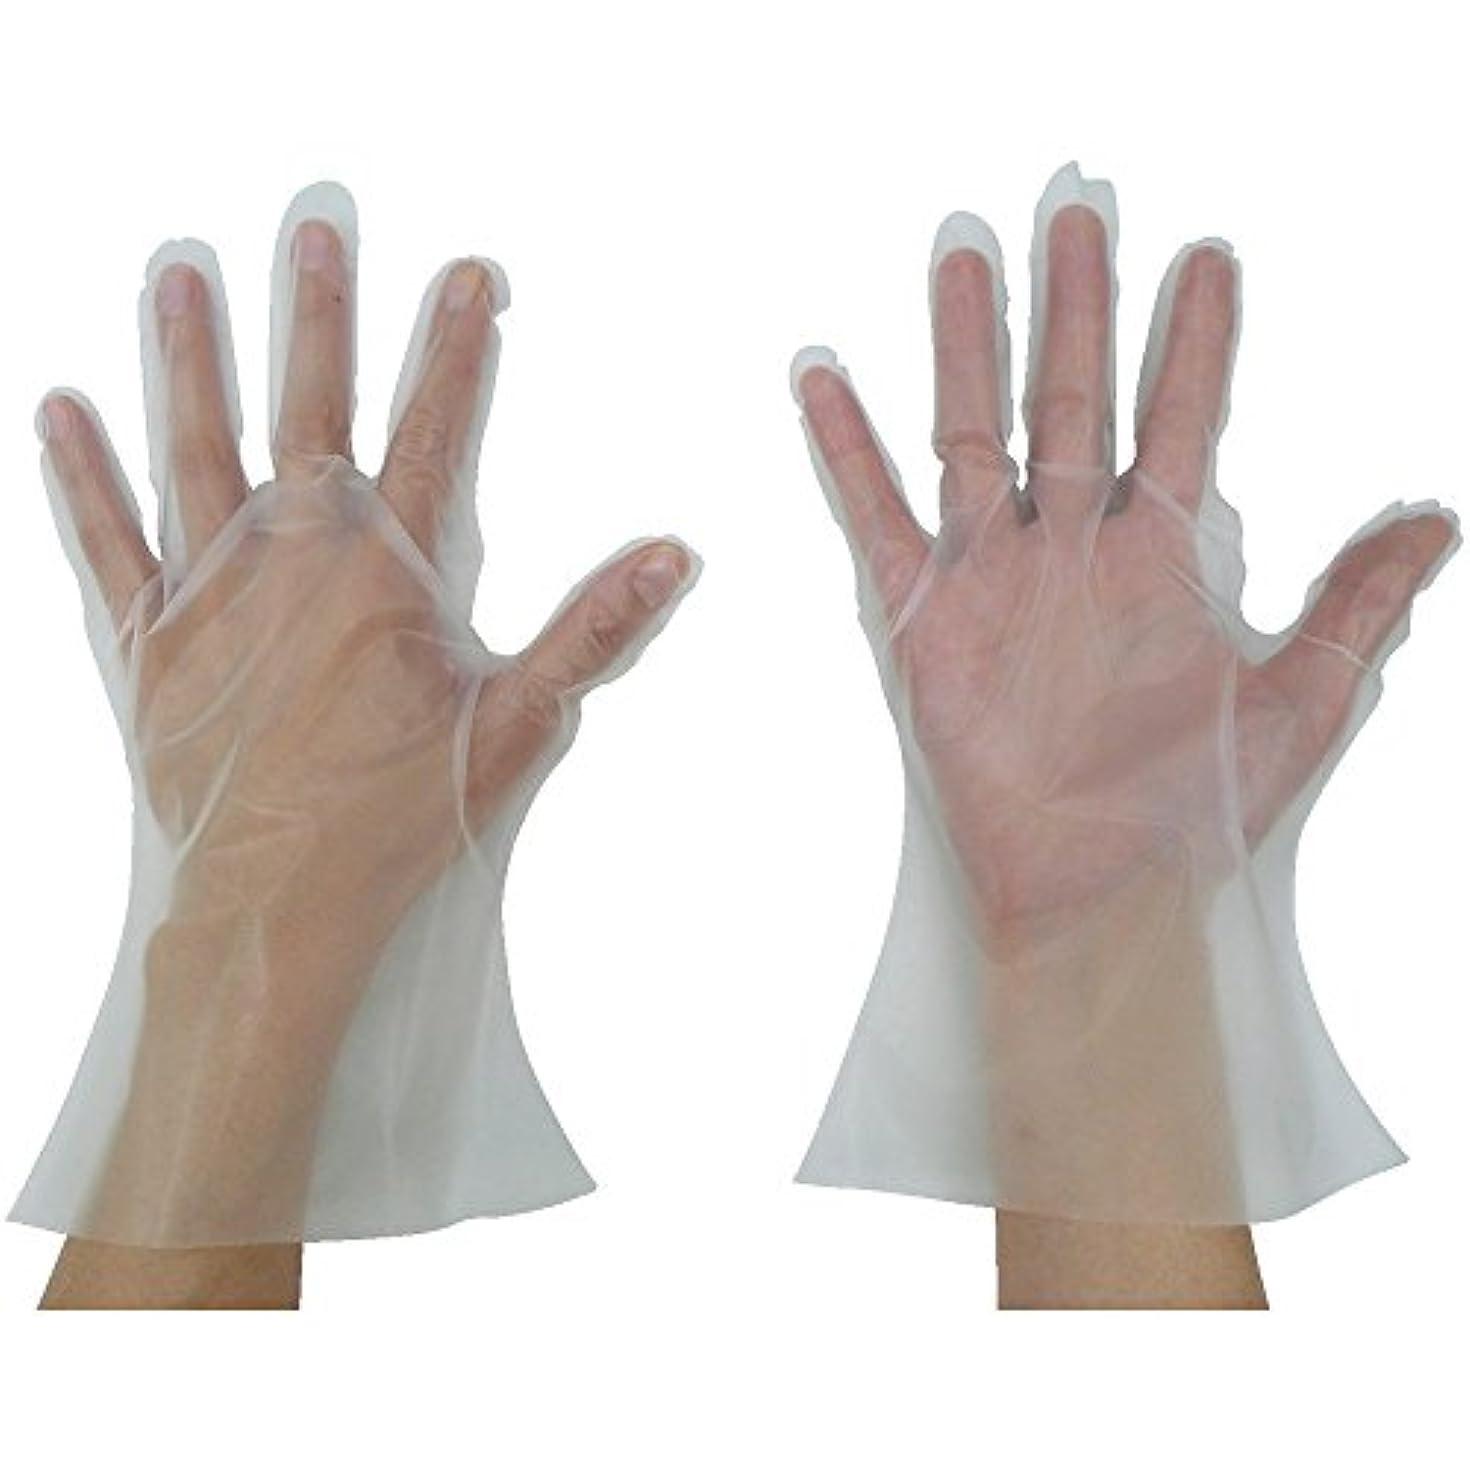 ジレンマこどもの日褐色東京パック 緊急災害対策用手袋ニューマイジャスト簡易50M 半透明 KN-M ポリエチレン使い捨て手袋